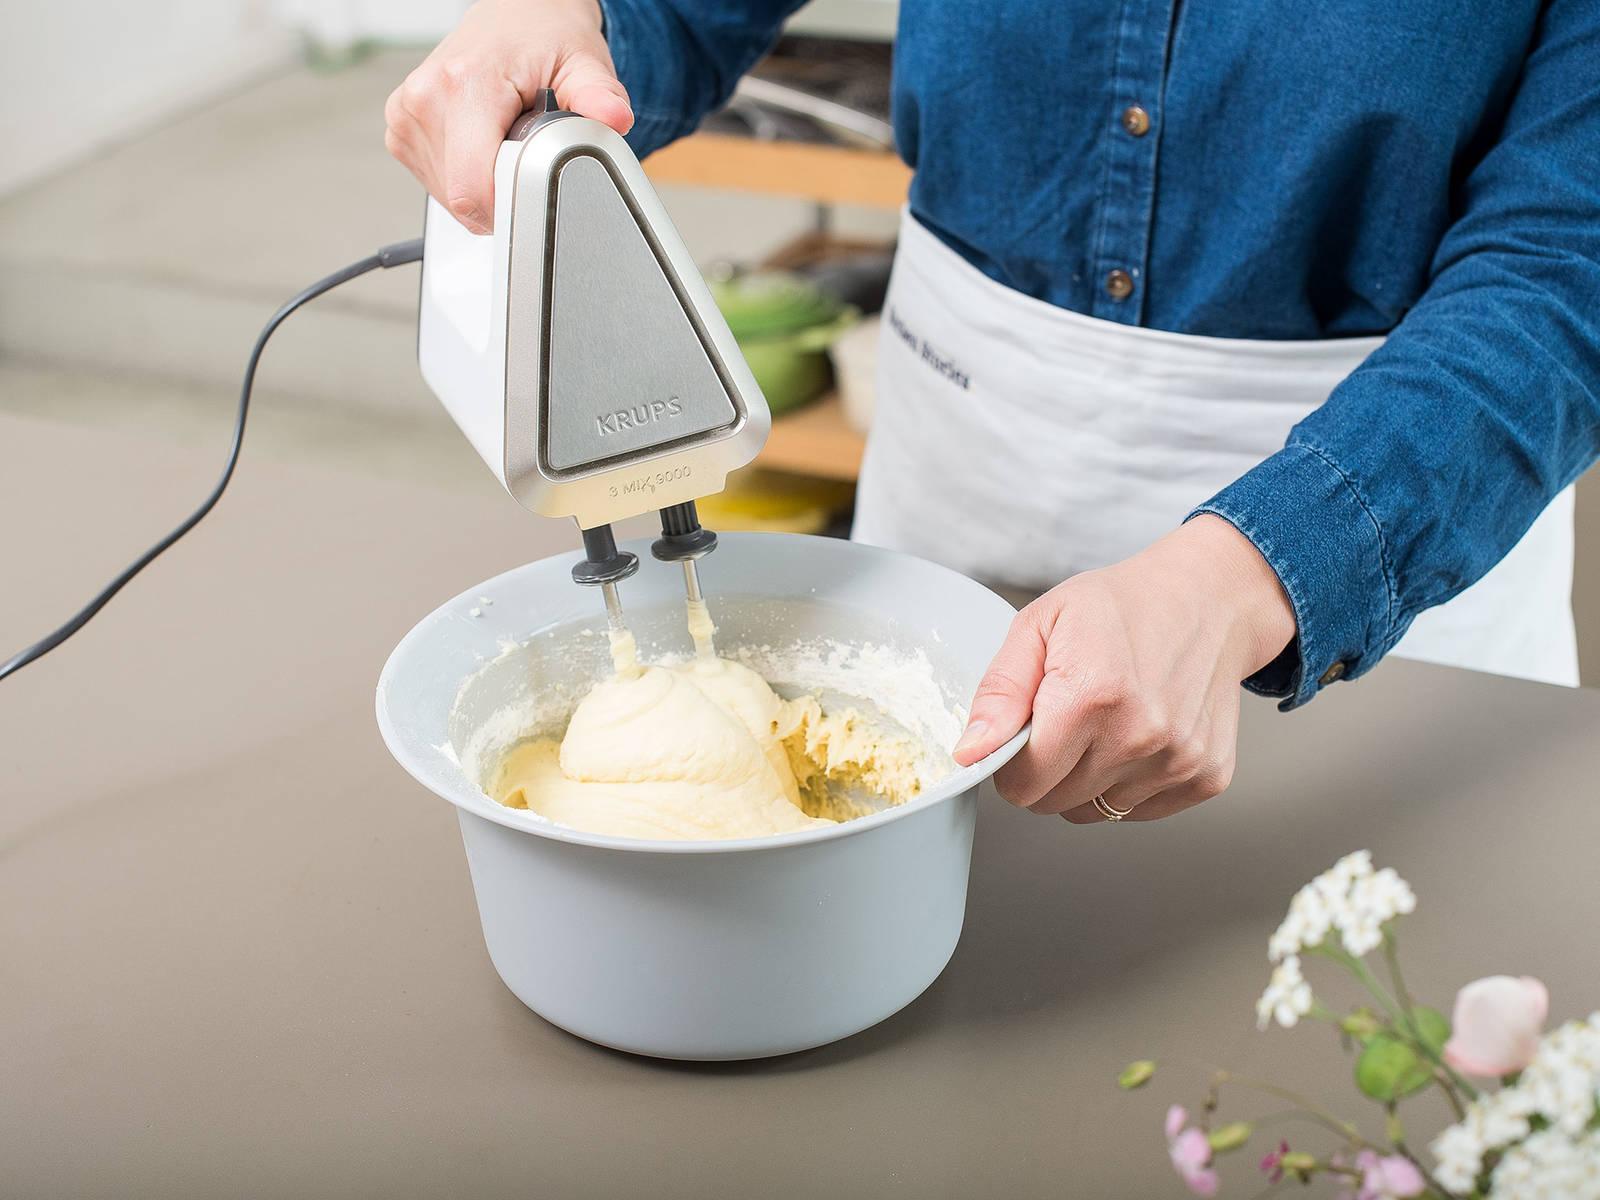 在一个大搅拌碗中,混合黄油、糖和盐,搅打至质地轻盈发泡。一次一颗地打入鸡蛋,搅打混合。加入香草精,搅拌均匀。将面粉、淀粉和泡打粉混合,和牛奶一起倒入黄油混合物中。稍微搅拌。